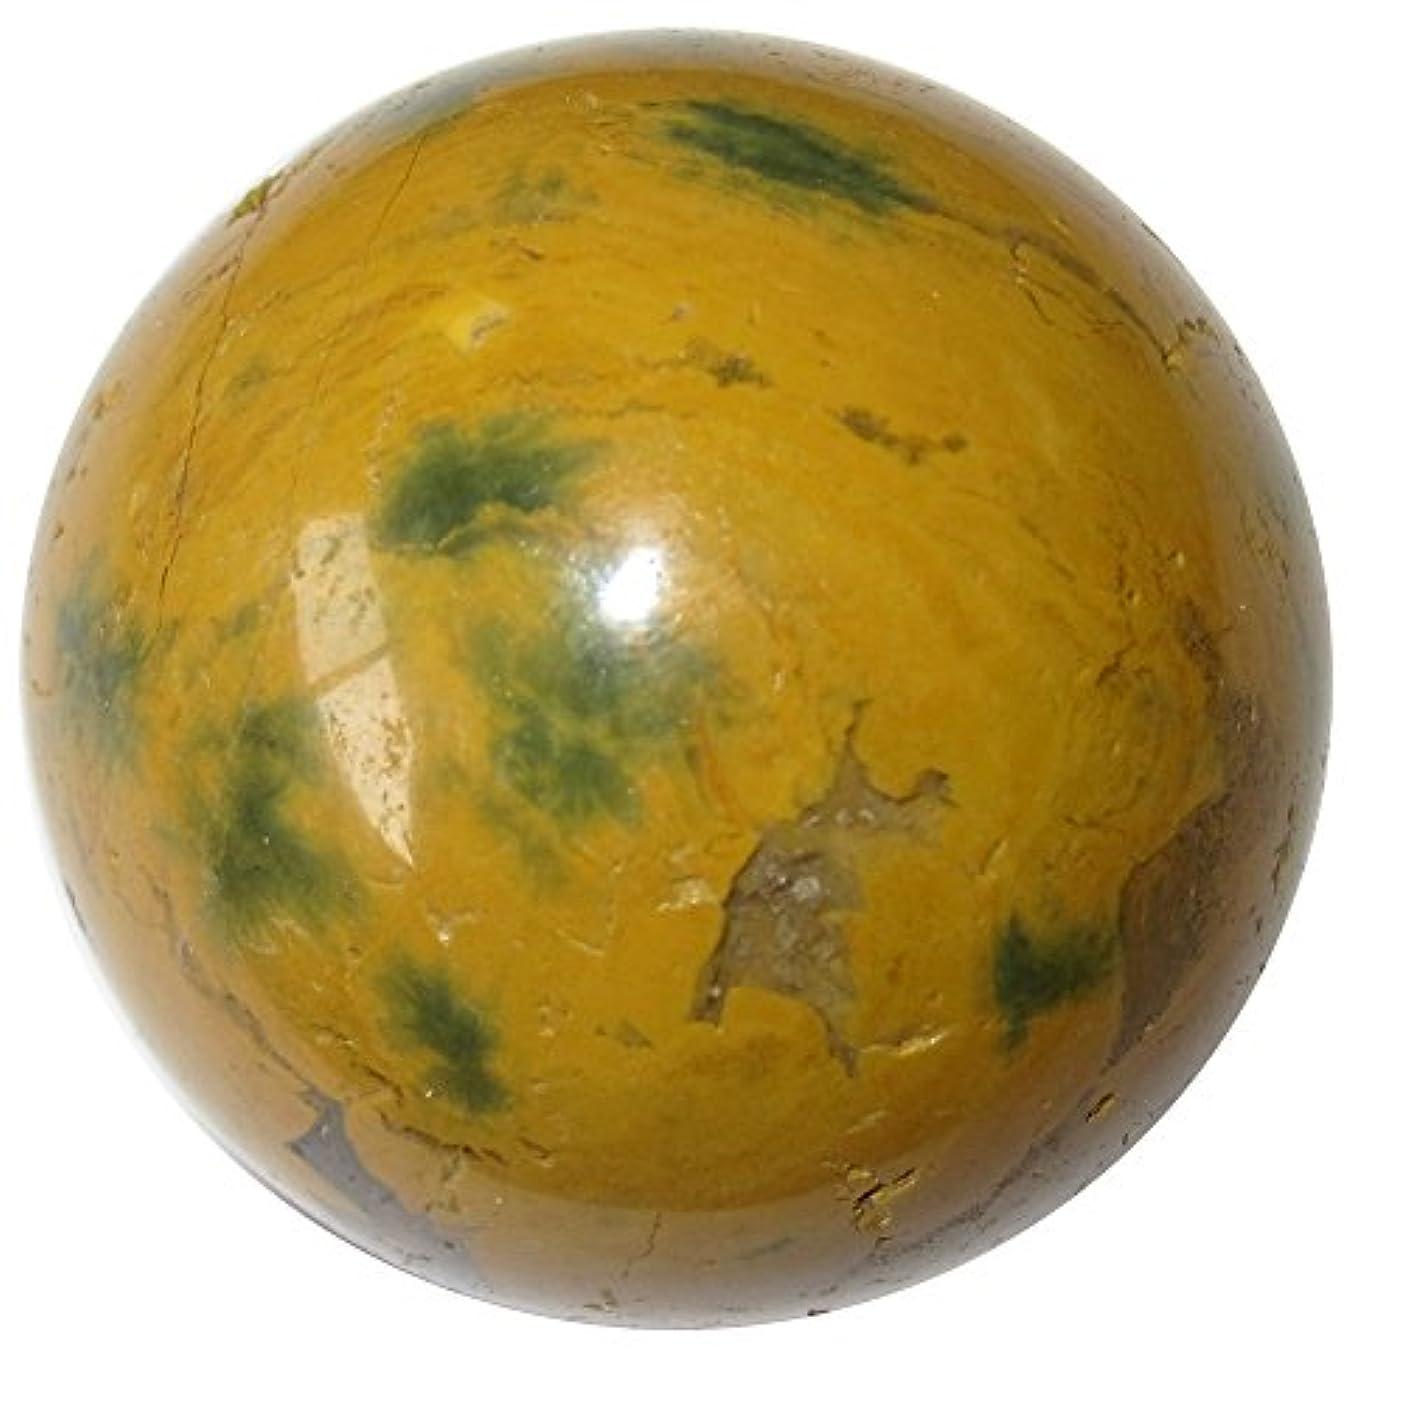 鼻撤回するつづりサテンクリスタルジャスパー海洋ボールプレミアムマダガスカル球水要素エネルギーフローストーンp01 1.6 Inches イエロー jasperoceanball01-mustardgreen-1.6